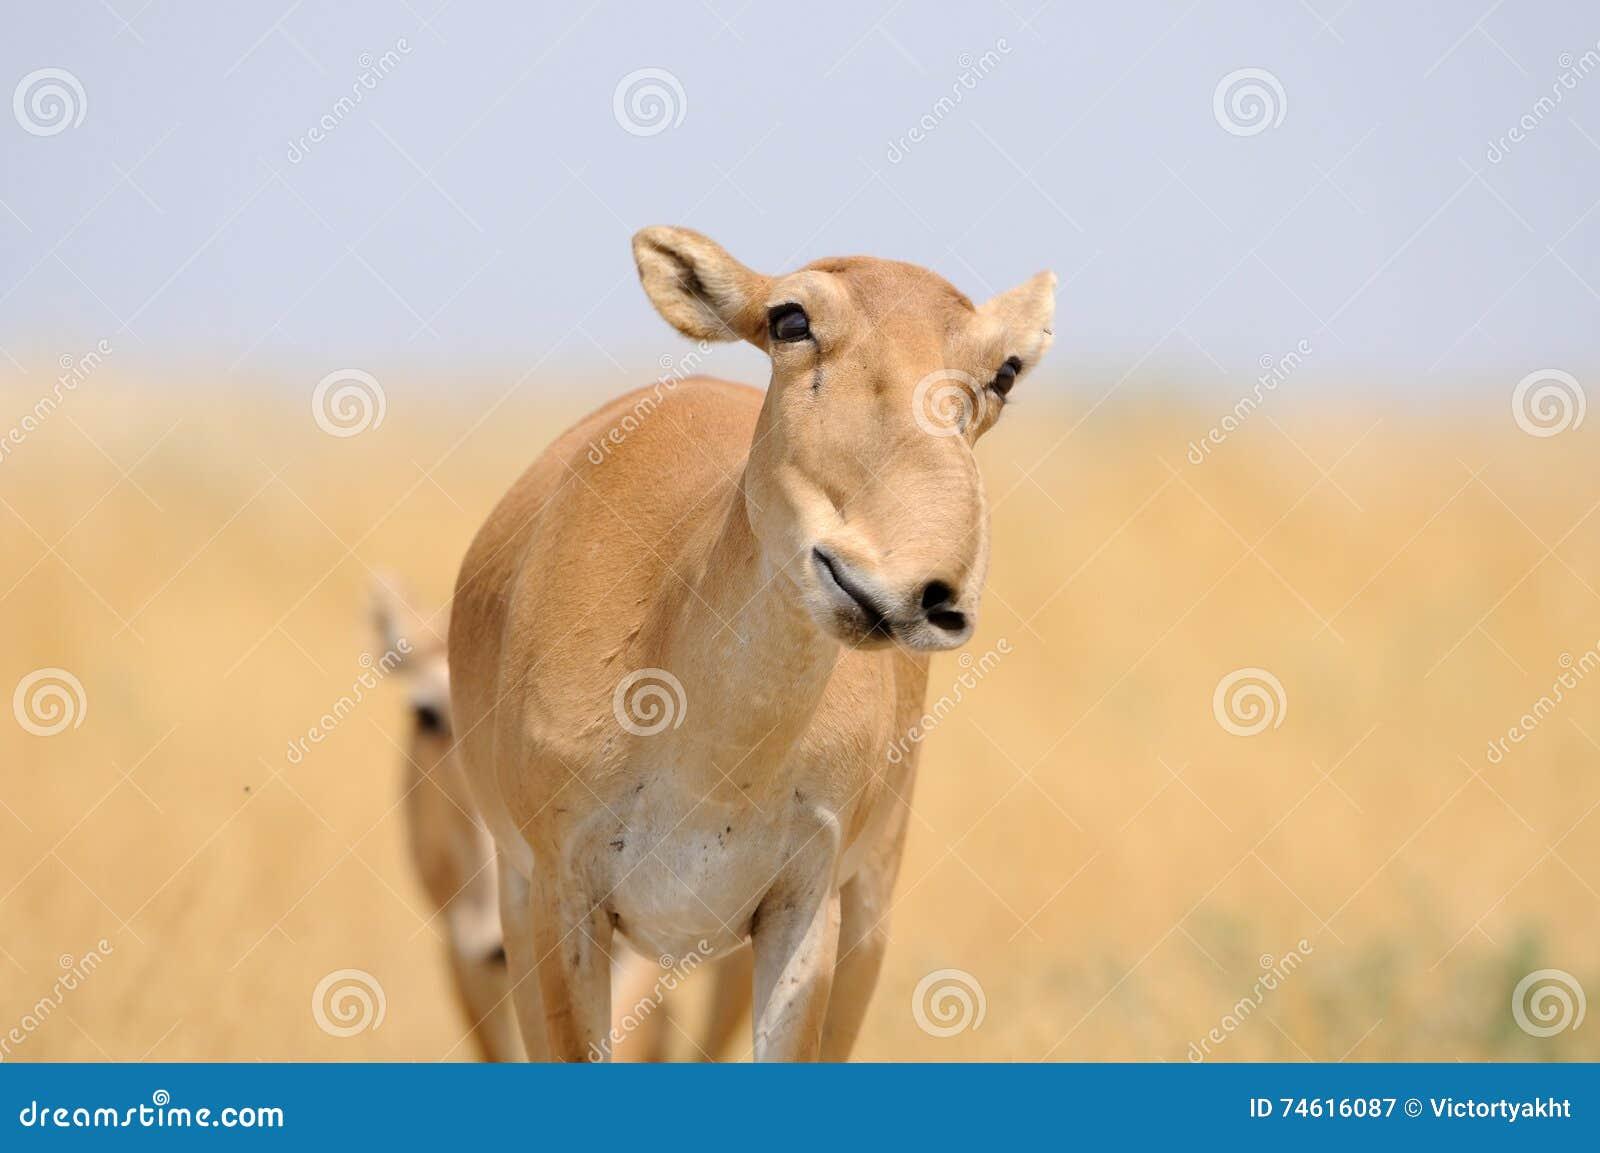 Smiling wild female Saiga antelope in Kalmykia steppe